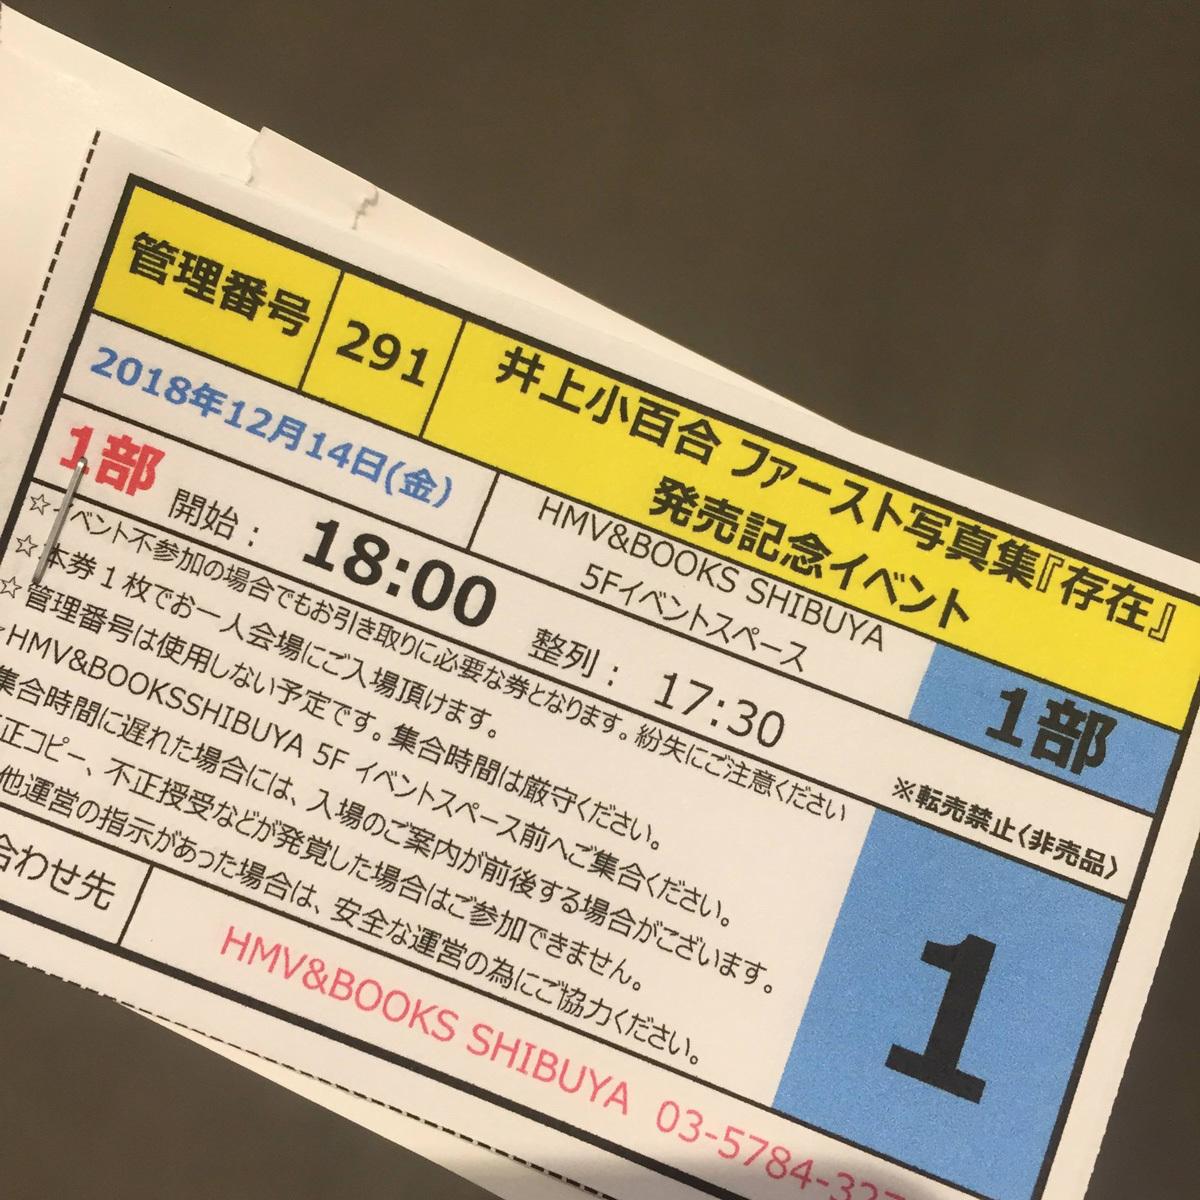 乃木坂46井上小百合1st写真集『存在』お渡し会HMV渋谷店イベント参加券